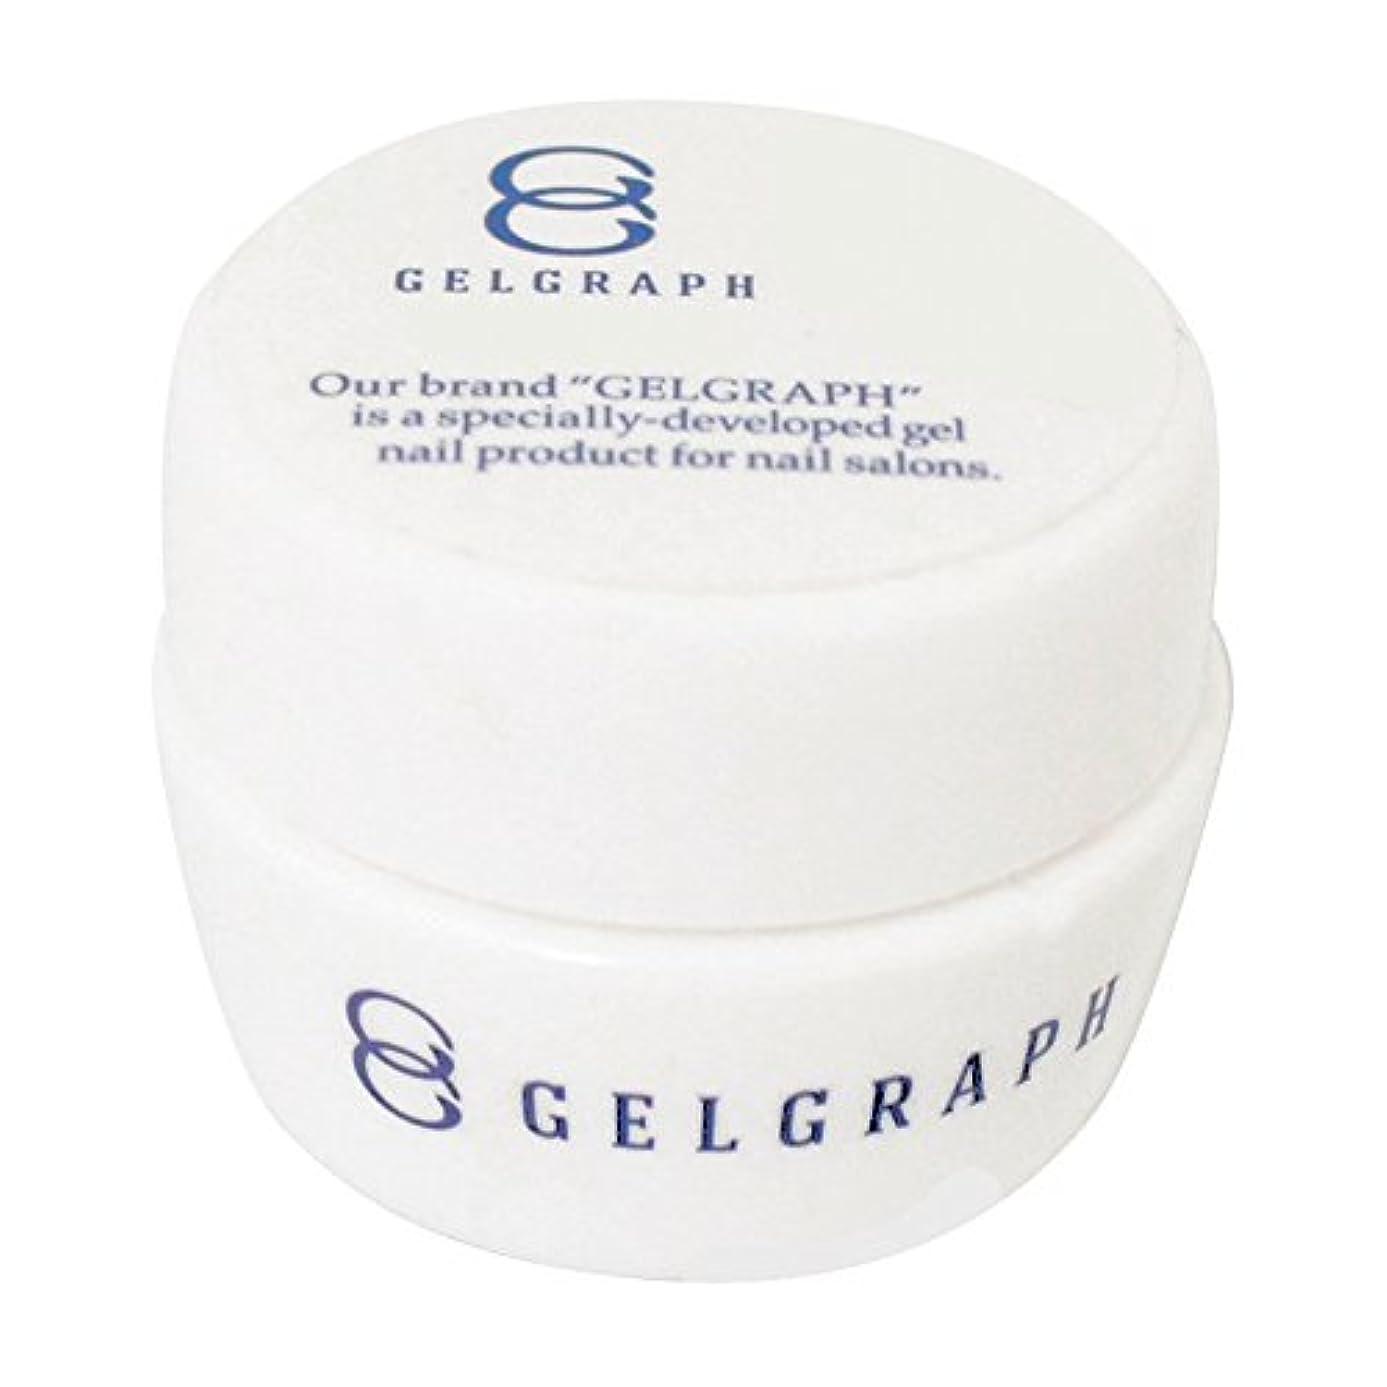 ガジュマル一節連隊GELGRAPH カラージェル 019GP レモンシャーベット 5g UV/LED対応 ソークオフジェル